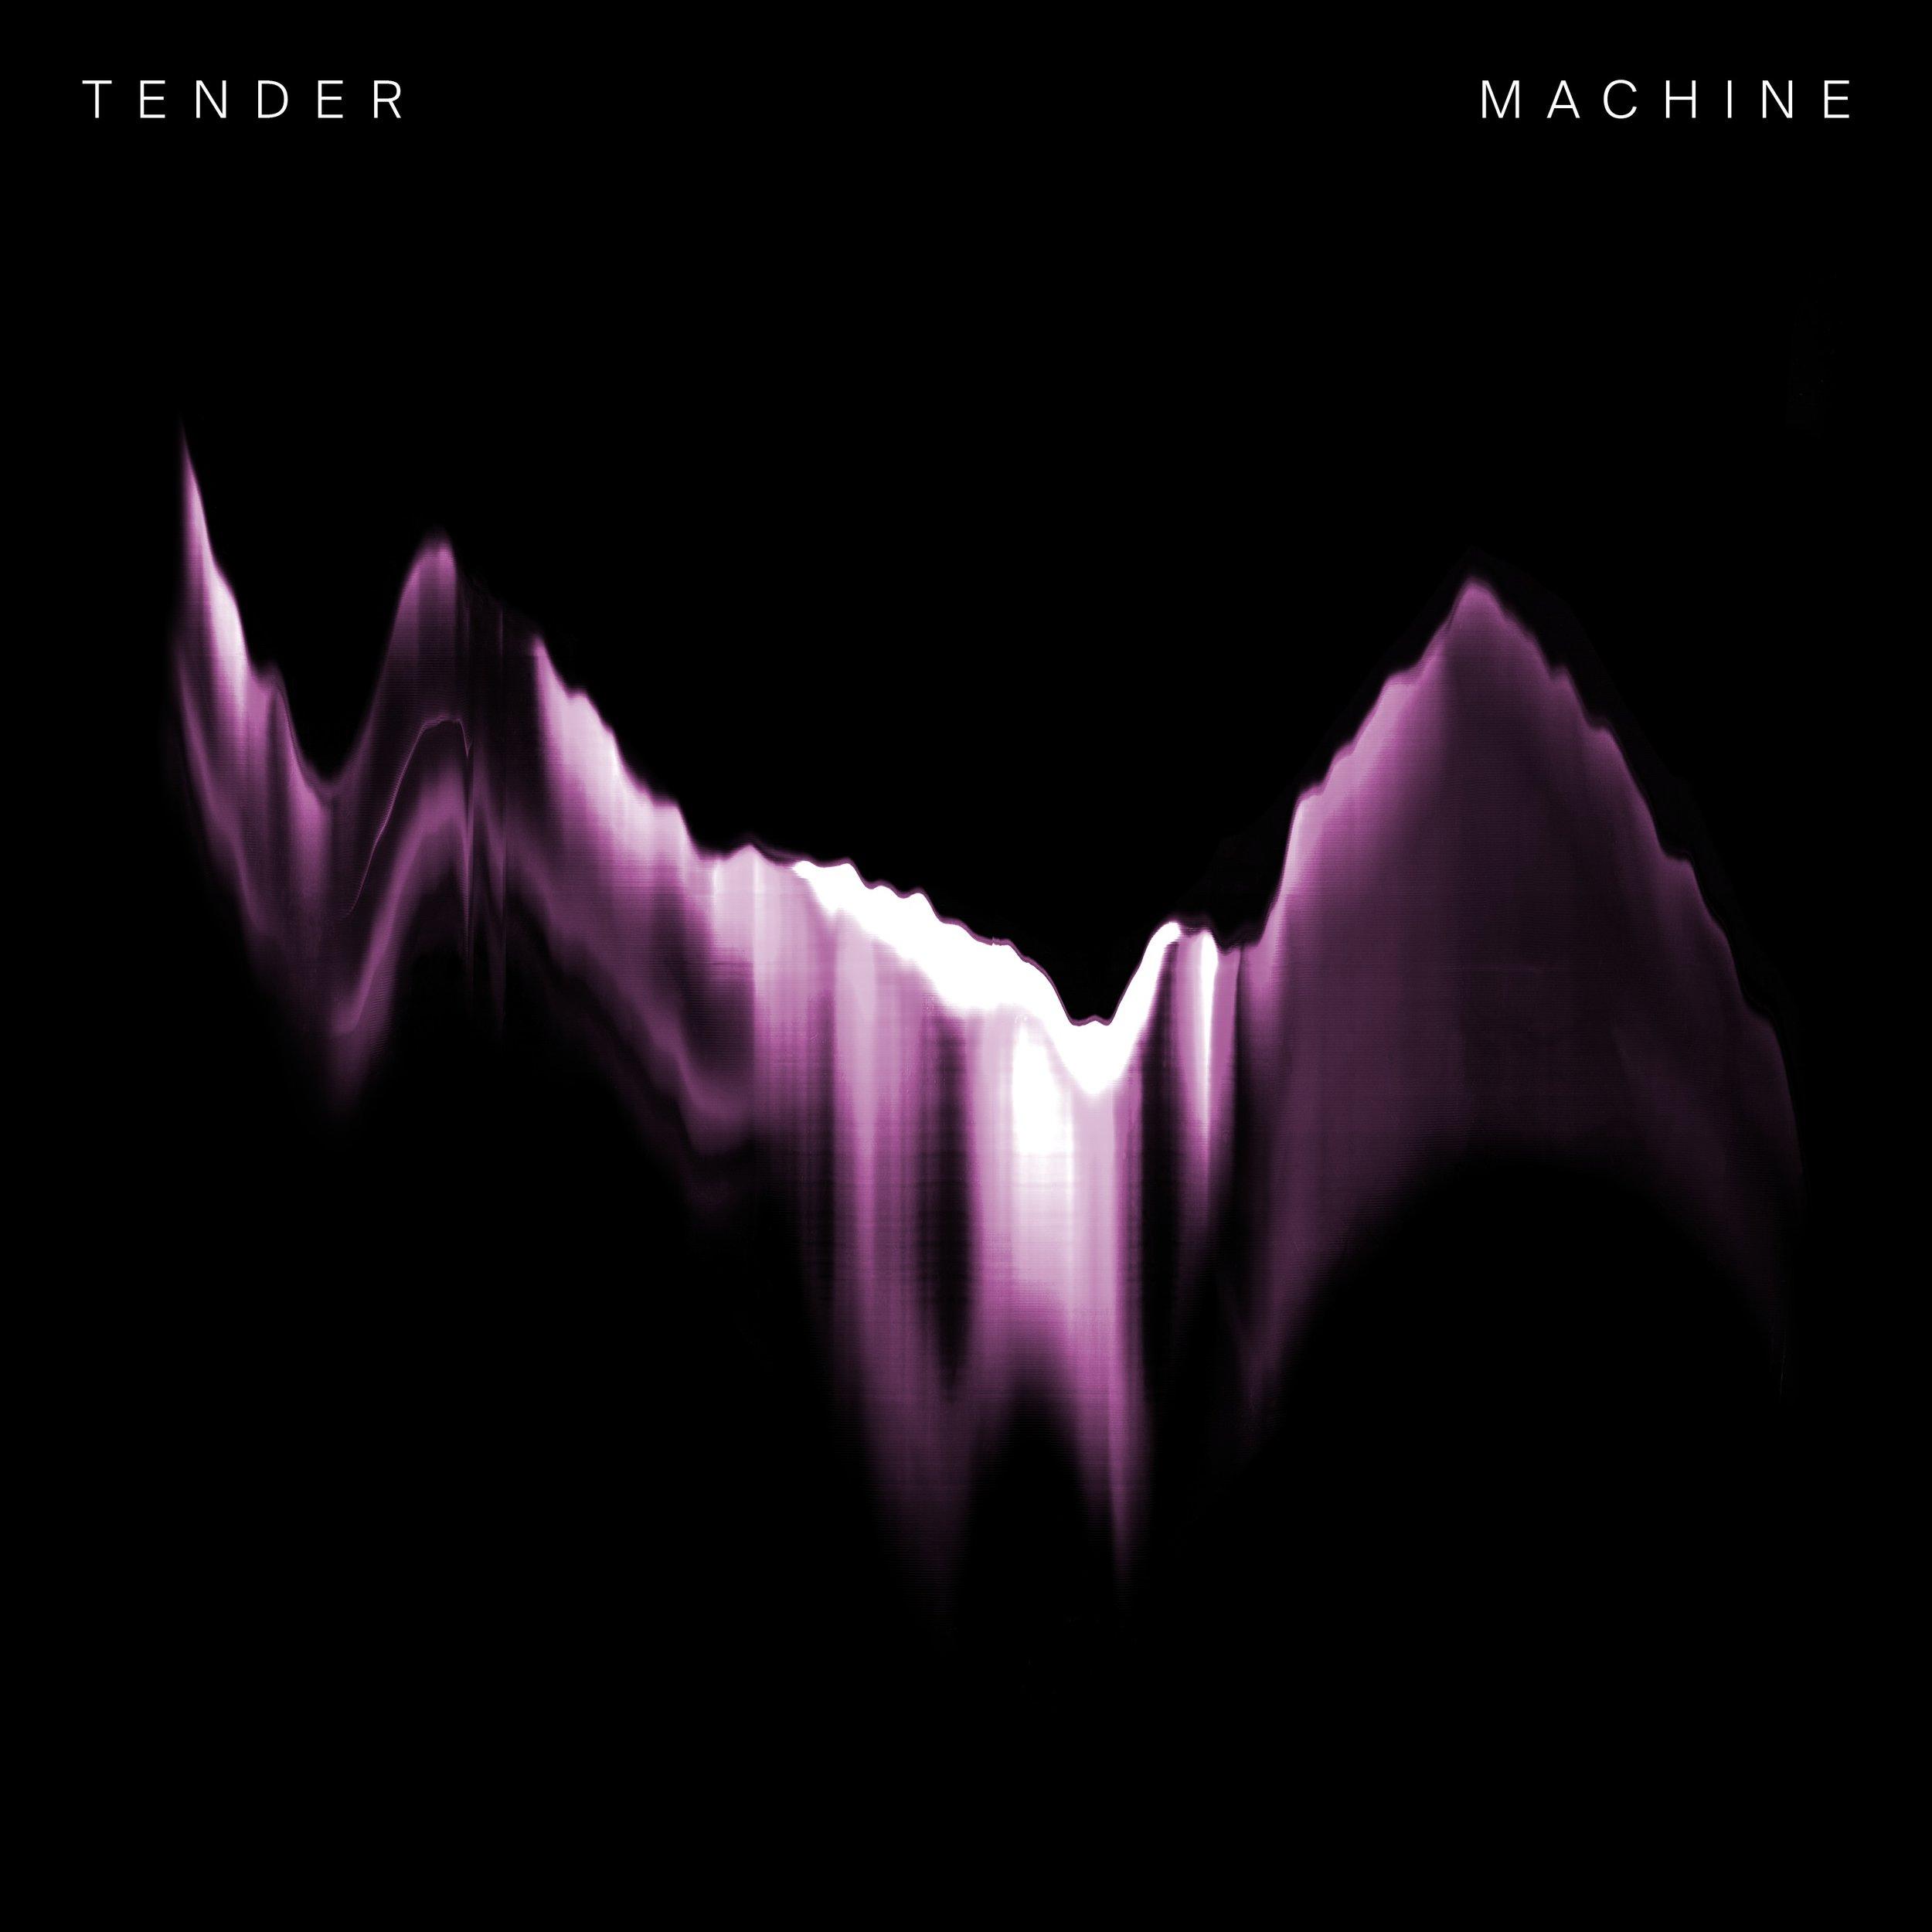 TENDER_Machine_3000x3000_300dpi (1).jpg